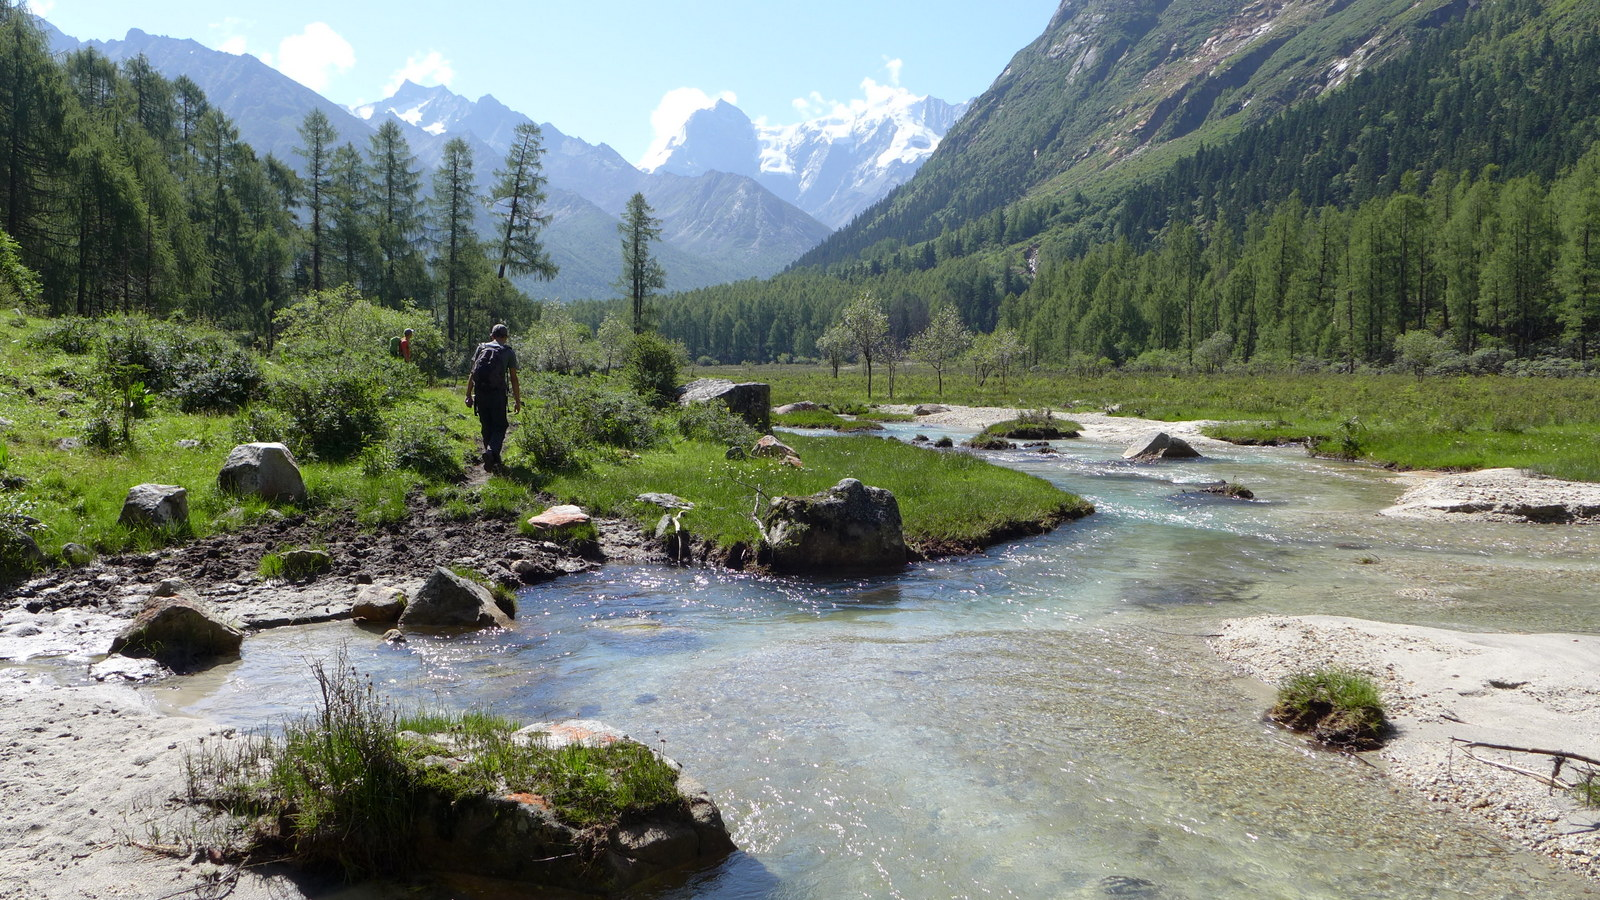 魅力长坪沟,行摄大金川河谷特色藏寨,走进色达,灵魂苏醒的地方